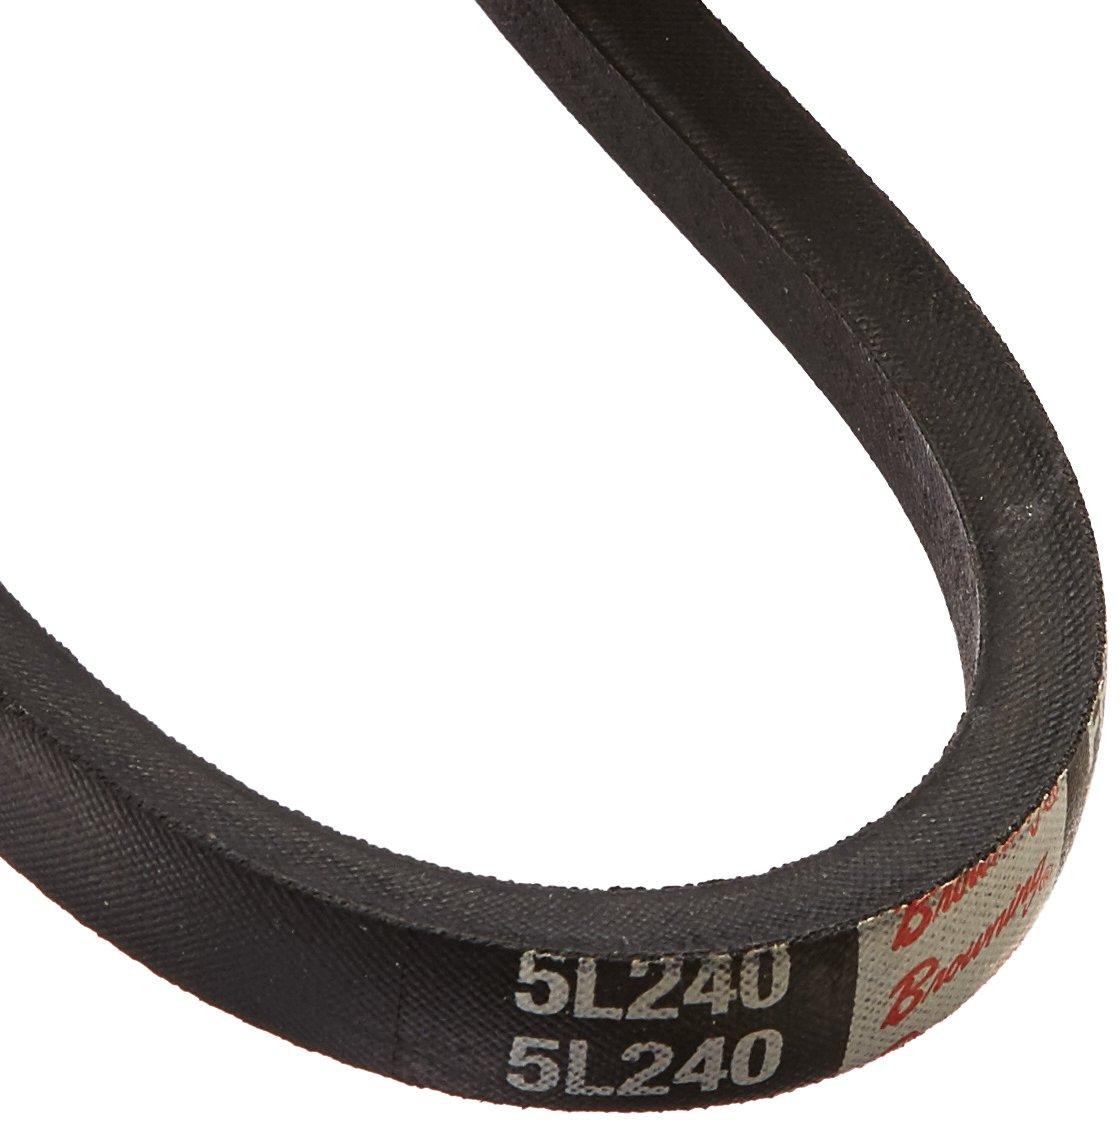 Browning Industrial Belts 5L240 FHP V-Belt Rubber 24 Length L Belt Section